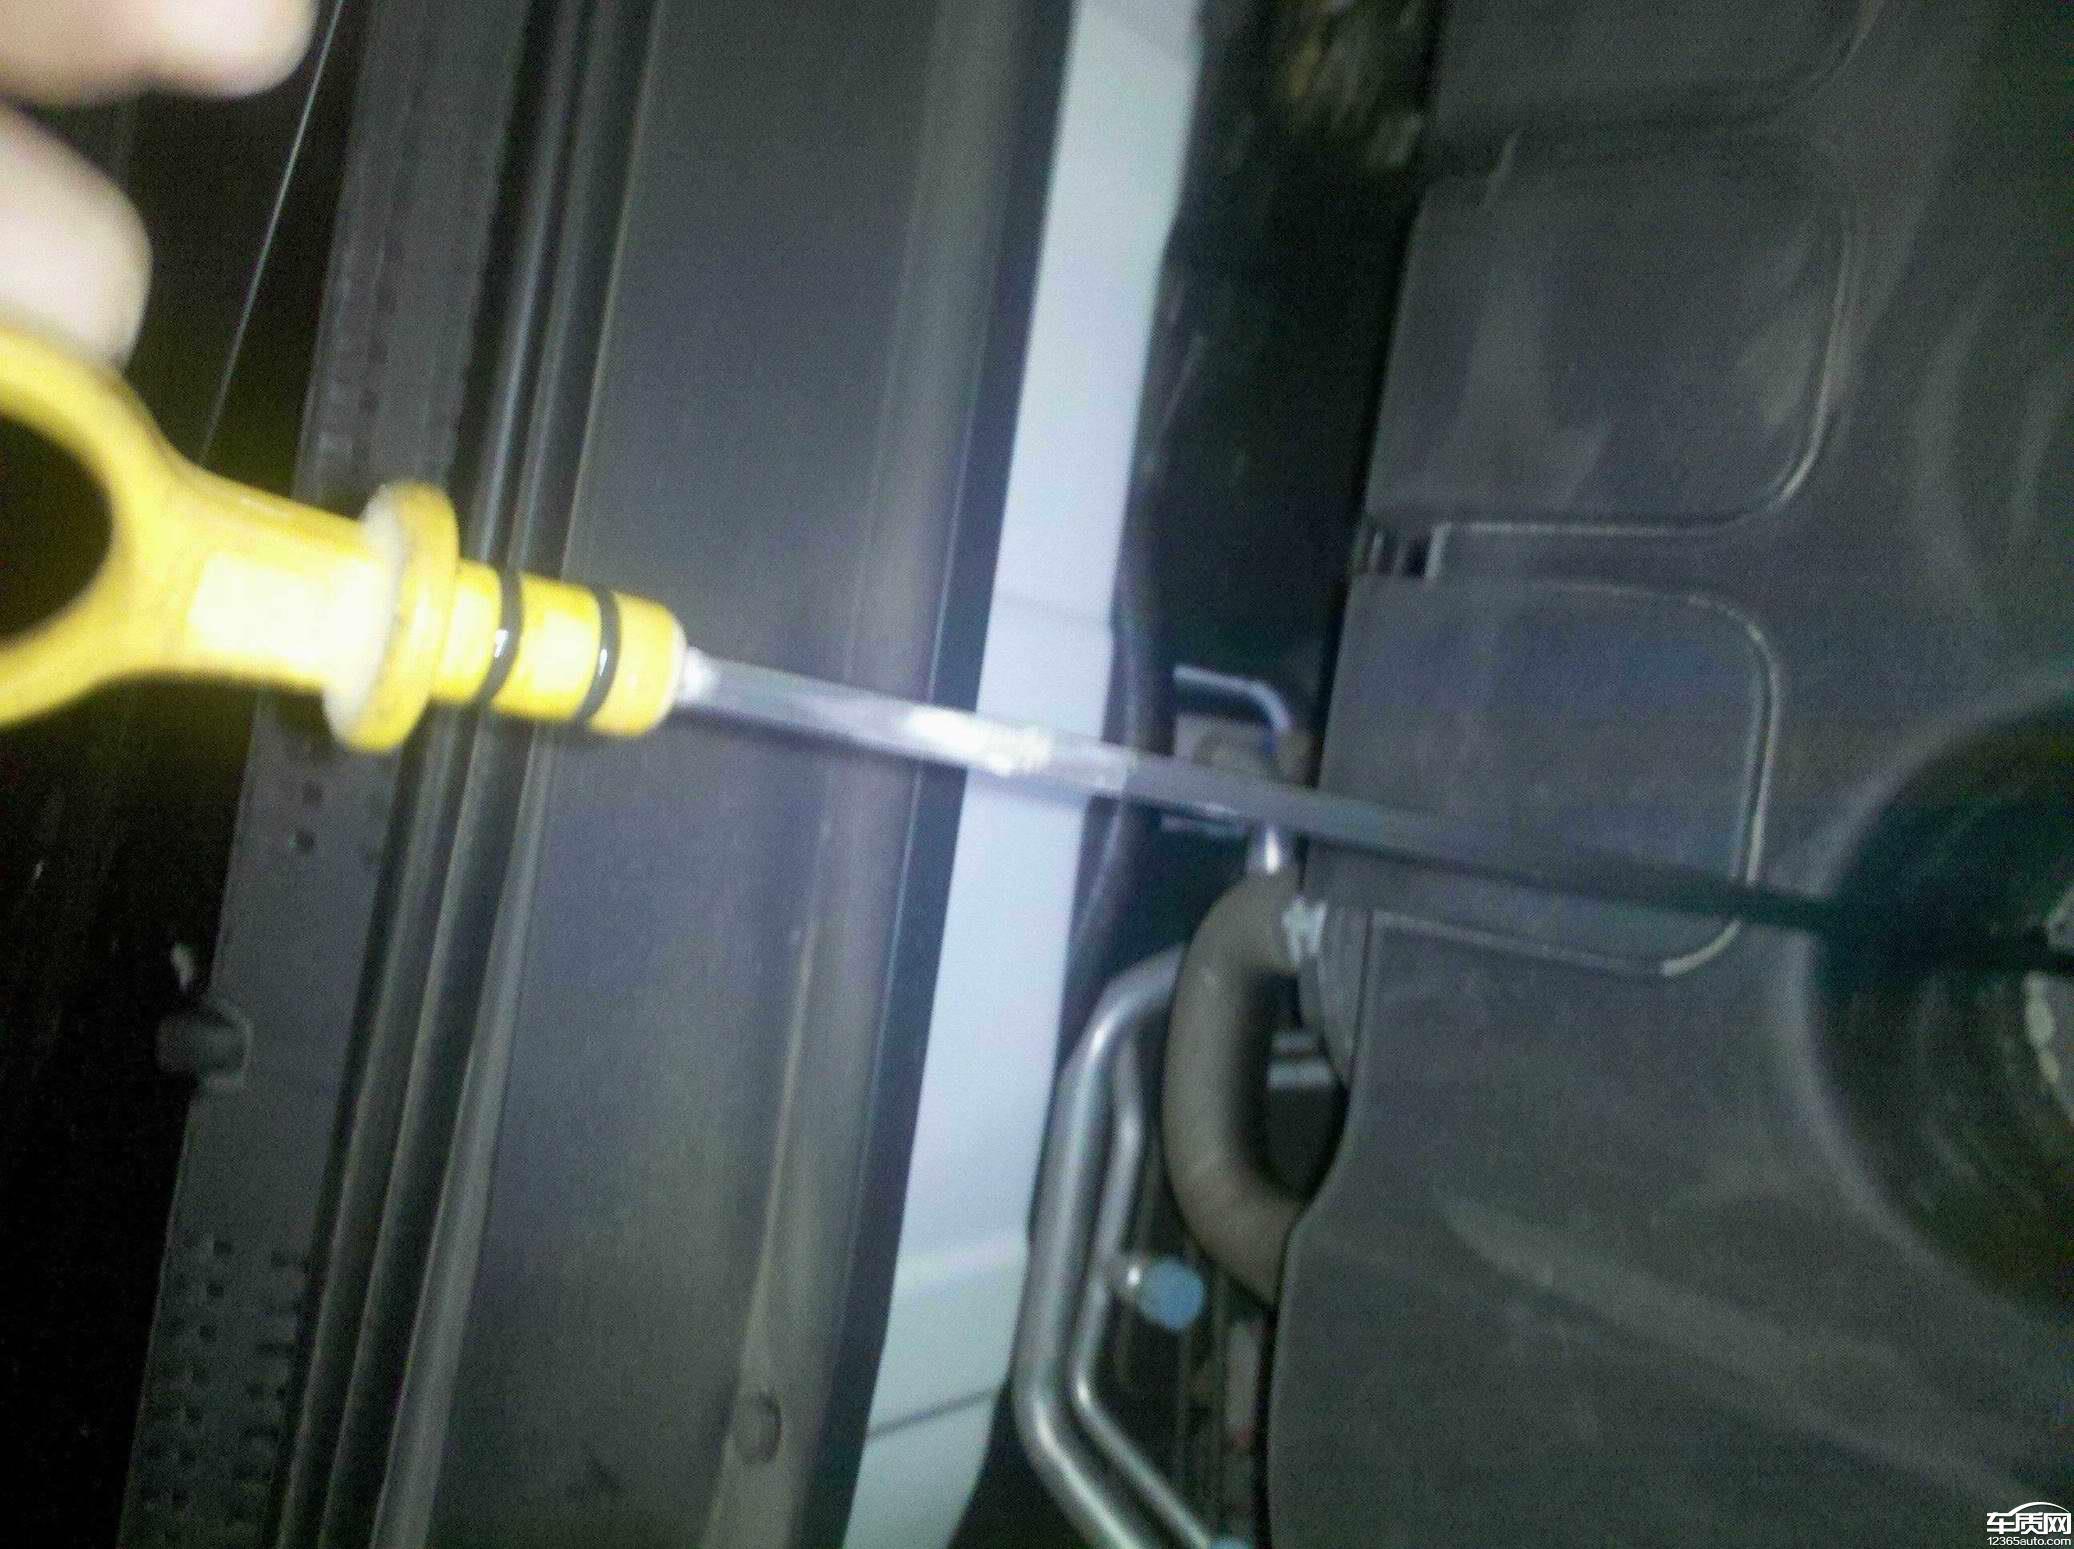 汽车之家论坛上已经普遍暴光上百例长安cs35车辆出现机油乳